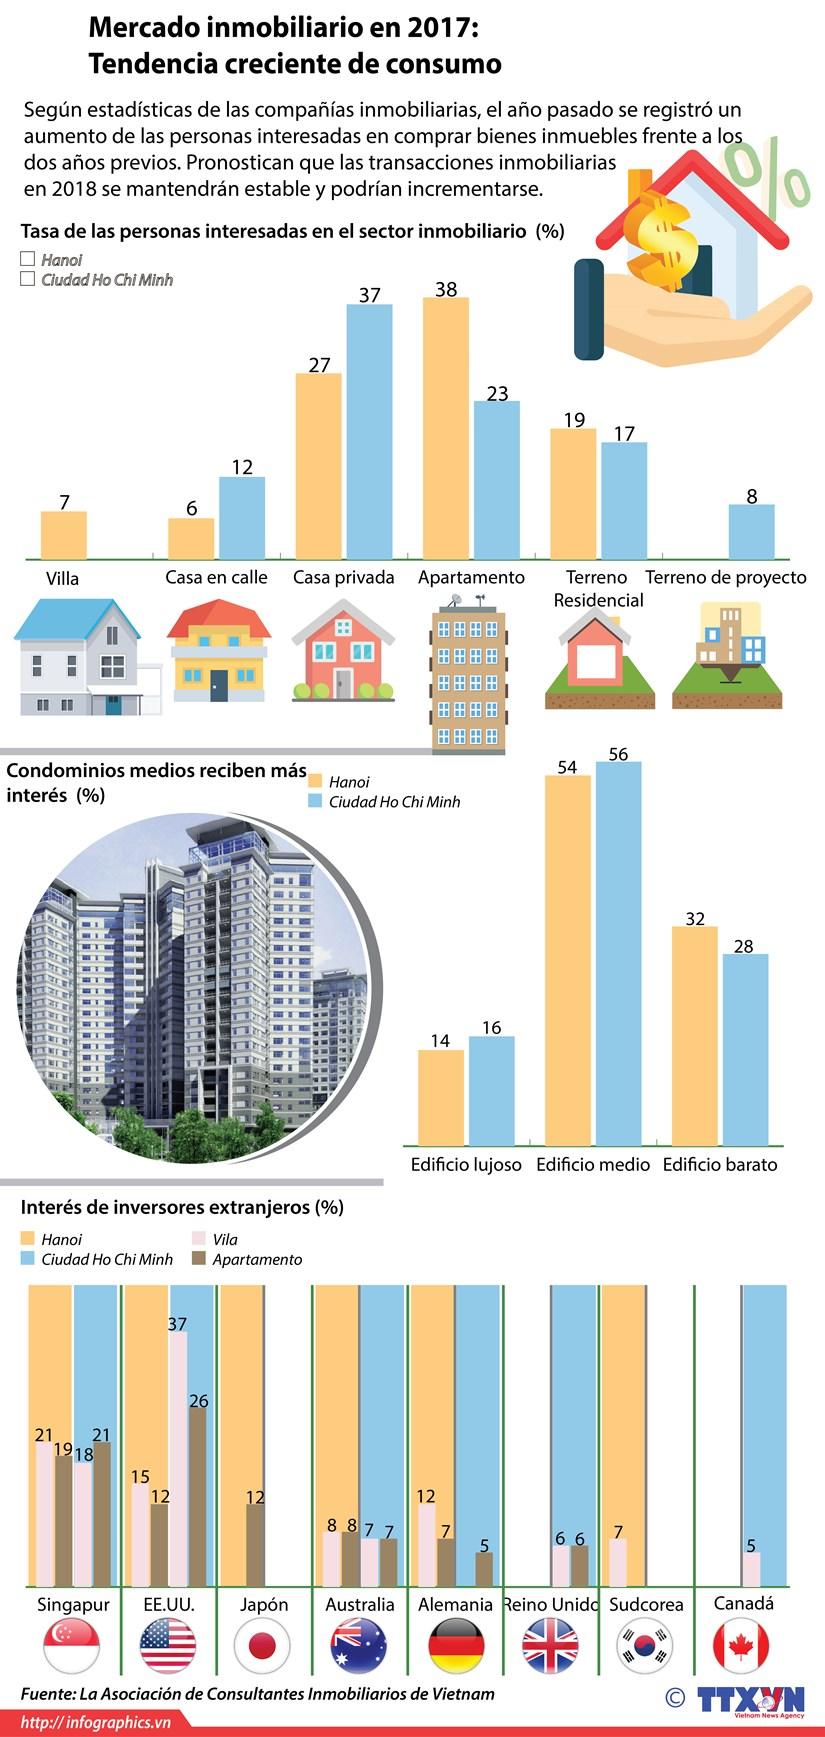 Mercado inmobiliario en 2017: Tendencia creciente de consumo hinh anh 1